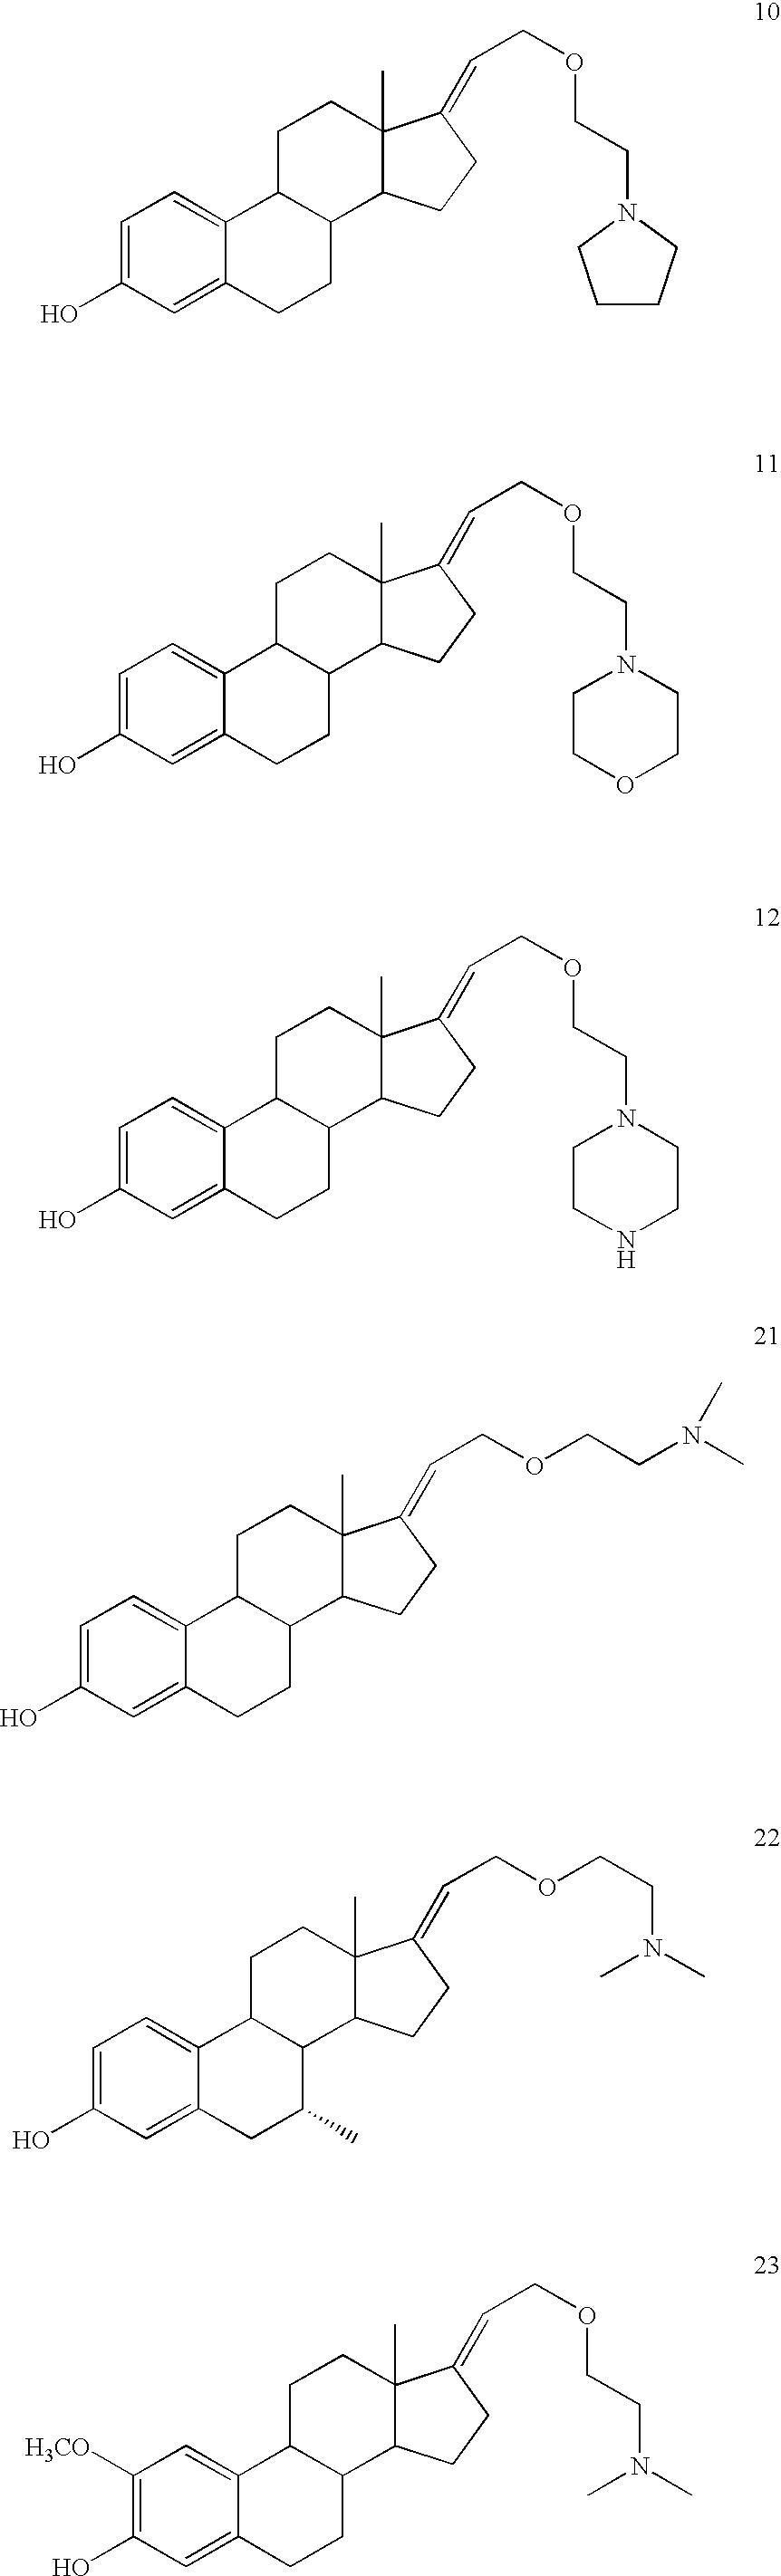 Figure US06747018-20040608-C00022